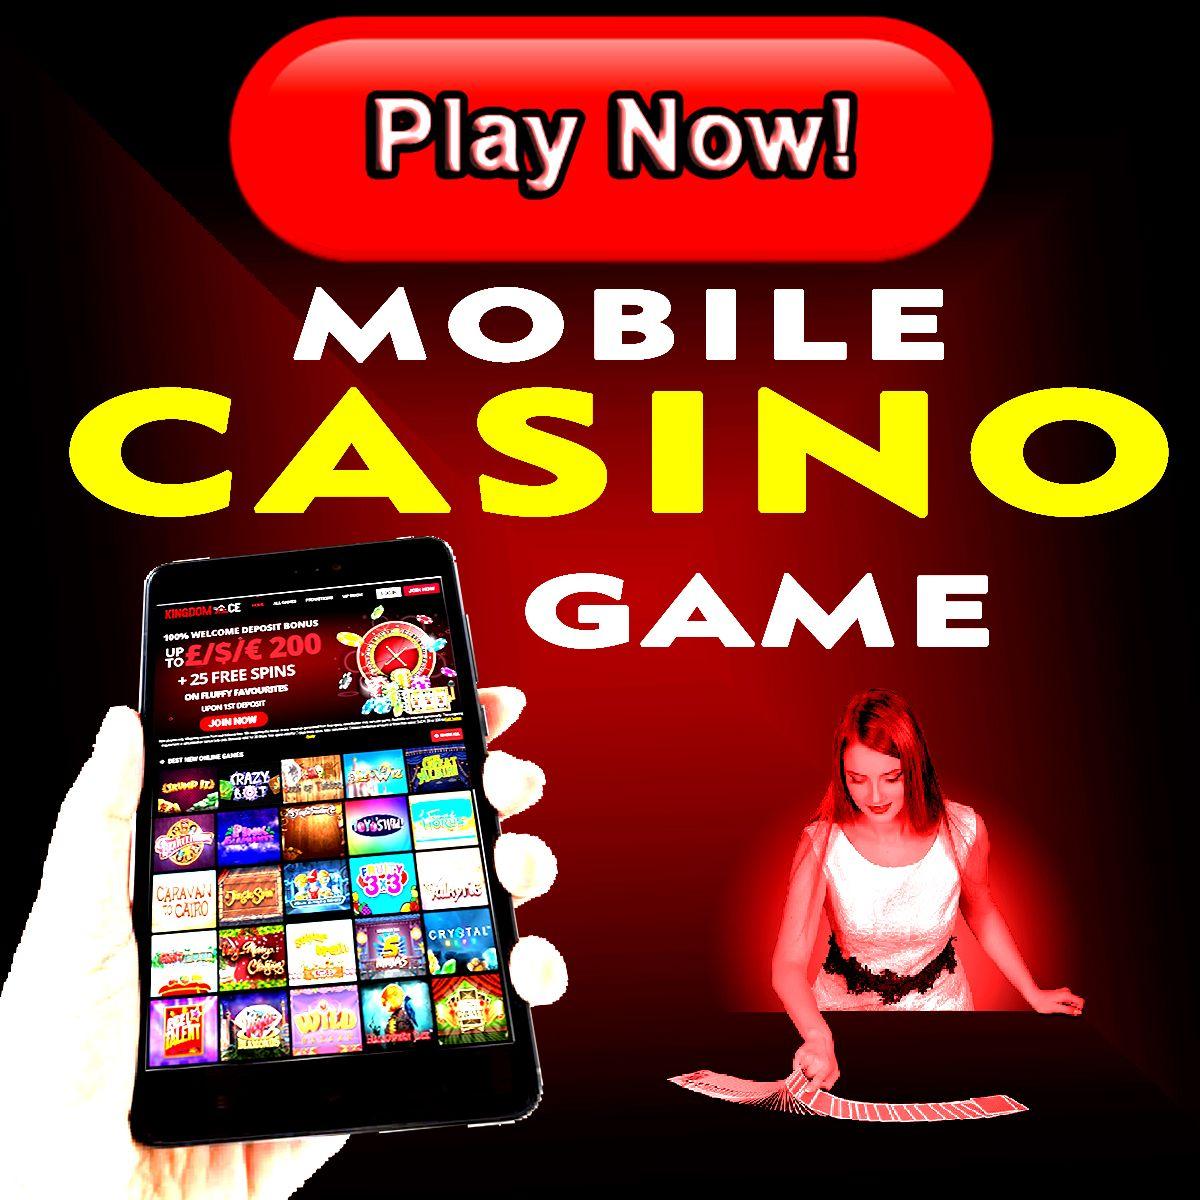 Casino casino free gambling game online slot yourbestonlinecasino.com casino niagara theatre